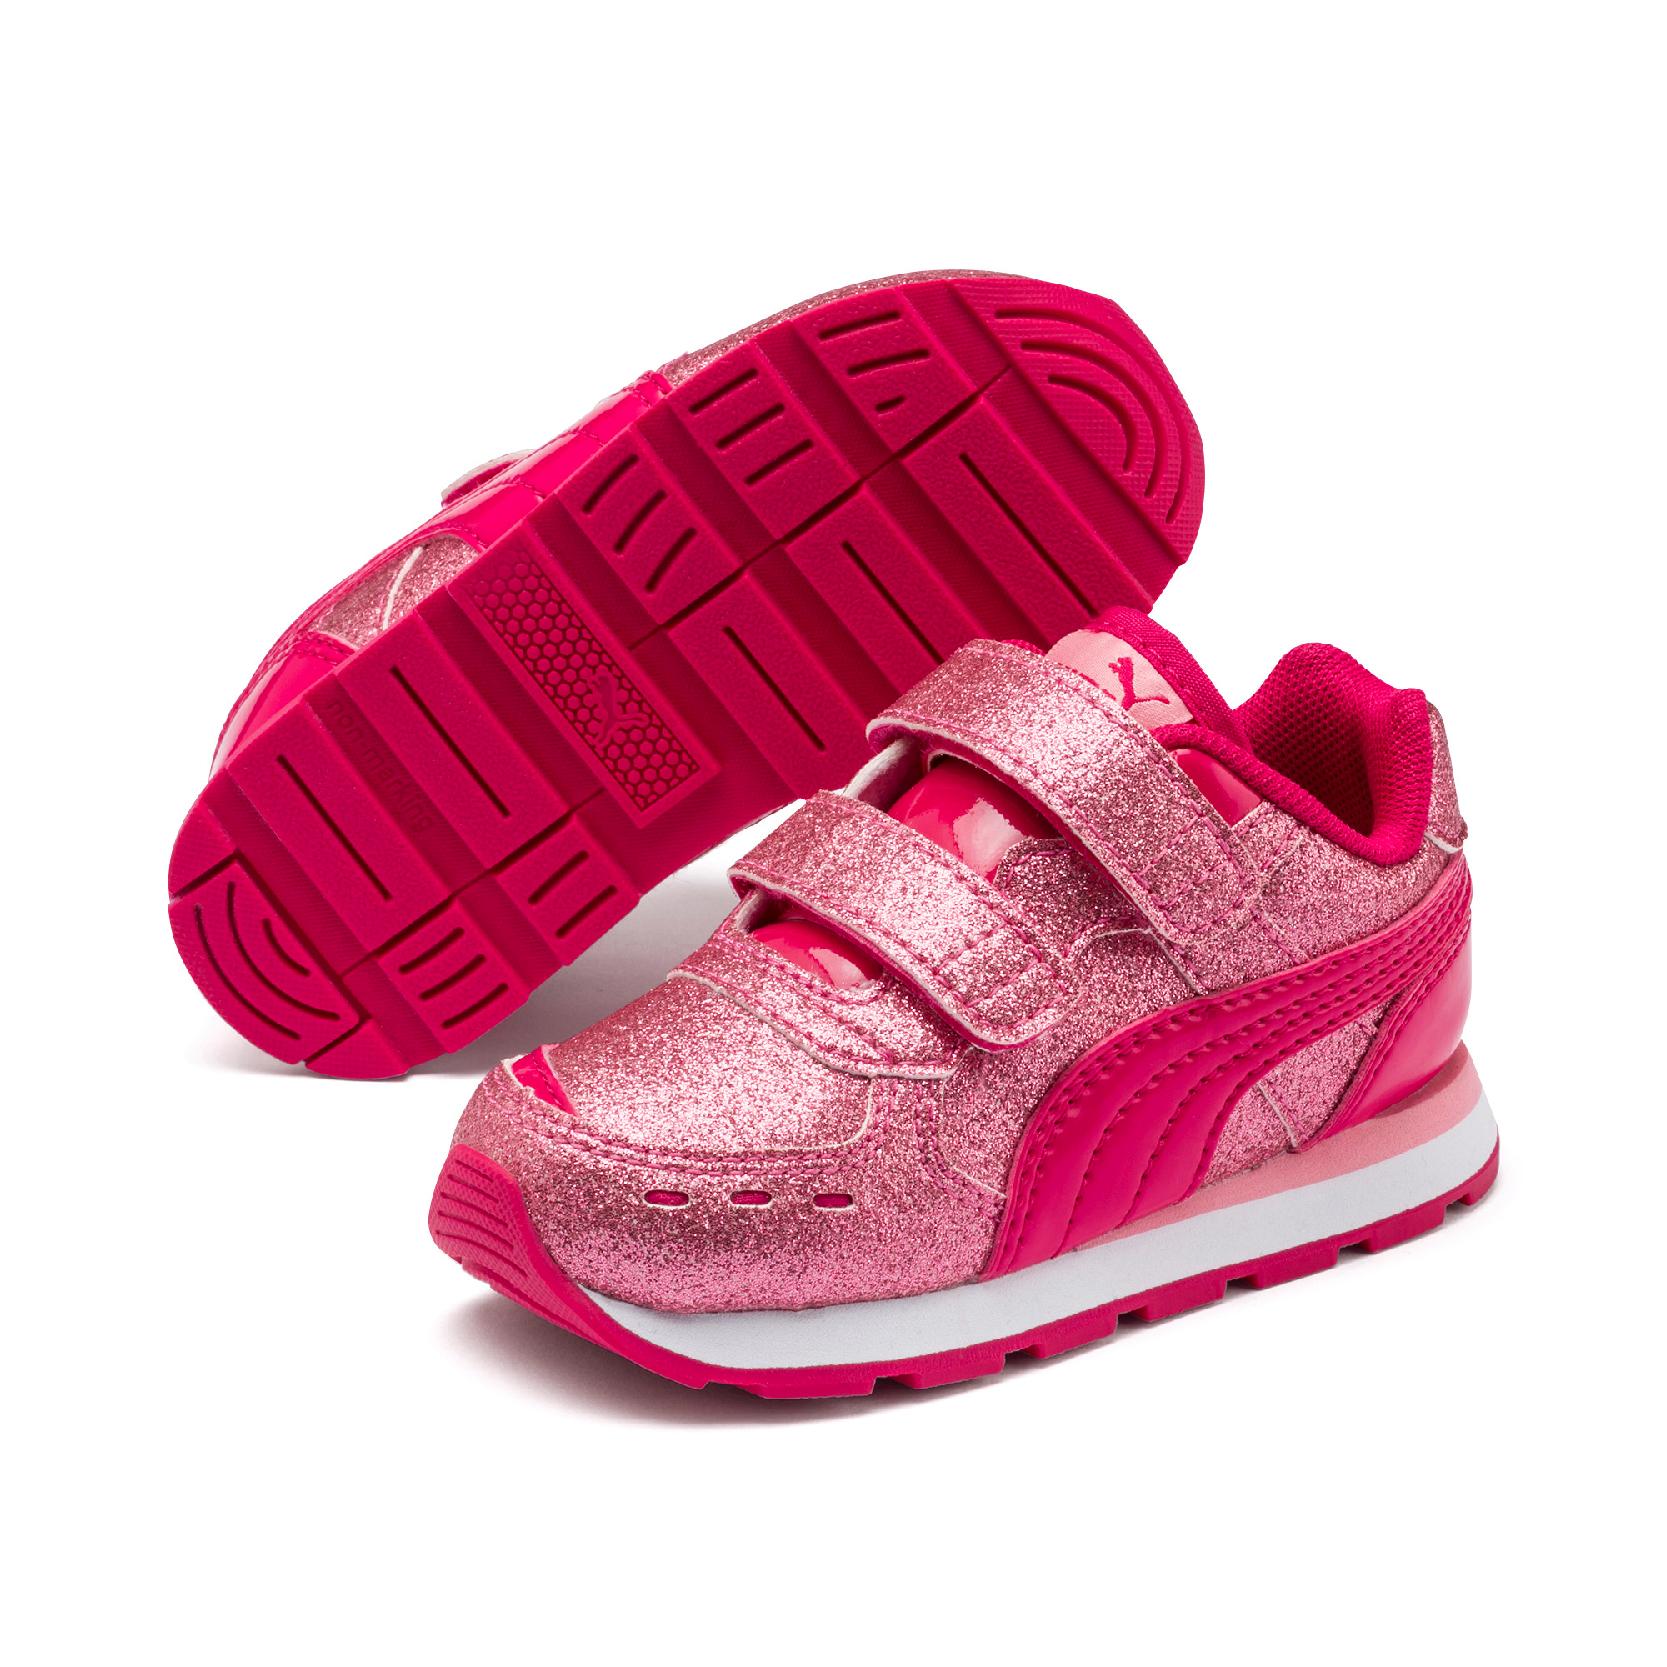 Puma Vista Glitz V sneakers